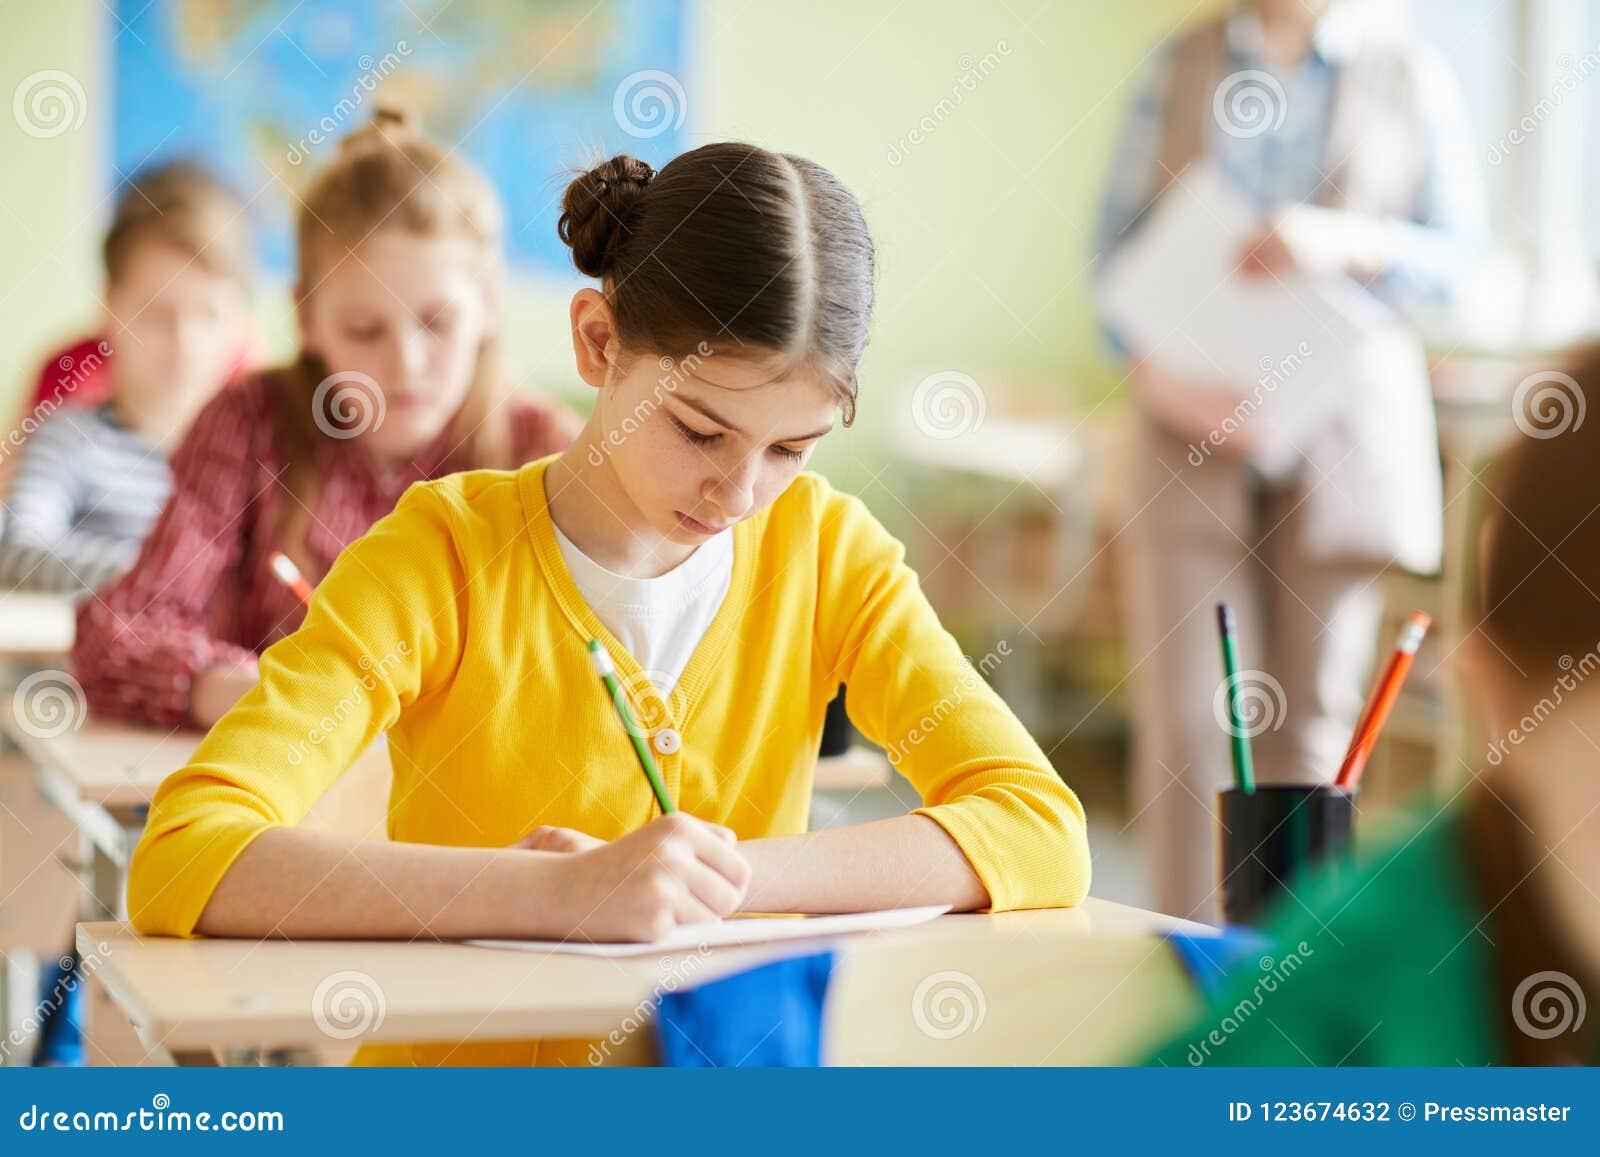 Menina ocupada do estudante concentrada no questionário